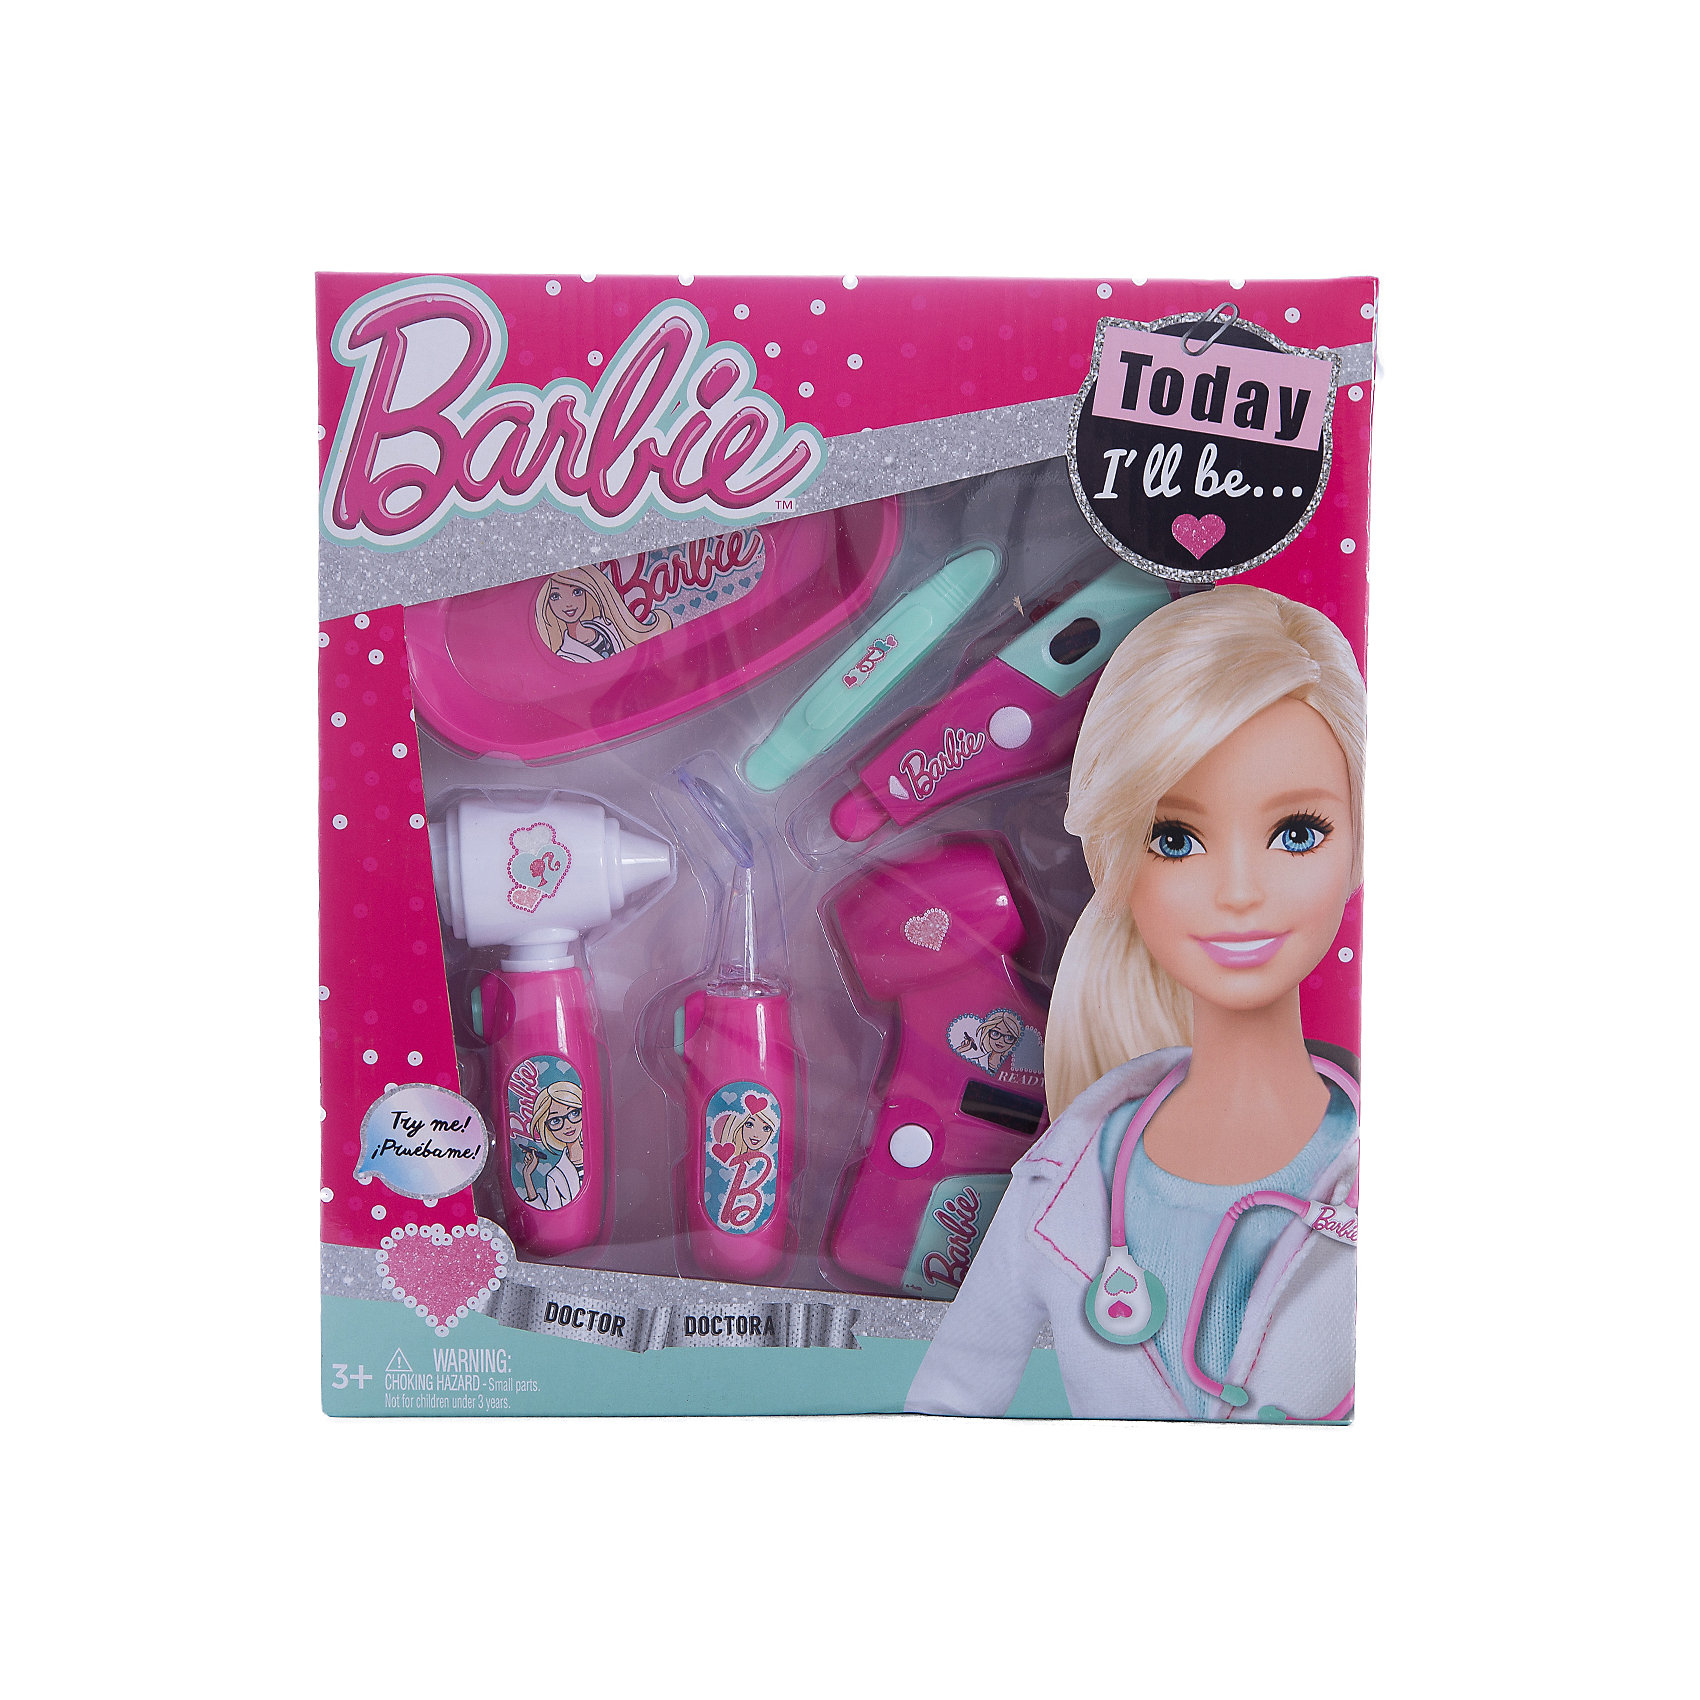 Игровой набор юного доктора компактный, BarbieНаборы доктора и ветеринара<br>Характеристики игрового набора юного доктора:<br><br>• оформление набора в стиле Барби;<br>• звуковые эффекты;<br>• батарейки в комплекте;<br>• материал: пластик;<br>• размер упаковки: 25,5х4х28 см.<br><br>Игра в доктора является неотъемлемой частью детского досуга. Девочки вооружаются игрушечными шприцами, градусниками и стетоскопами и «лечат» всех своих пациентов. Детали игрового набора Barbie изготовлены из нетоксичного гипоаллергенного пластика. Набор оформлен в стиле куклы Барби. <br><br>Комплектация игрового набора:<br><br>• электронный отоскоп;<br>• электронный пейджер;<br>• неврологический молоточек;<br>• шприц;<br>• ножницы;<br>• батарейки: 2xAG13/LR44 (миниатюрные) + 2хAG10;<br>• картонная упаковка с прозрачным окошком;<br>• инструкция.<br><br>Игровой набор юного доктора компактный, Barbie можно купить в нашем магазине.<br><br>Ширина мм: 260<br>Глубина мм: 280<br>Высота мм: 400<br>Вес г: 351<br>Возраст от месяцев: 36<br>Возраст до месяцев: 2147483647<br>Пол: Женский<br>Возраст: Детский<br>SKU: 5238935